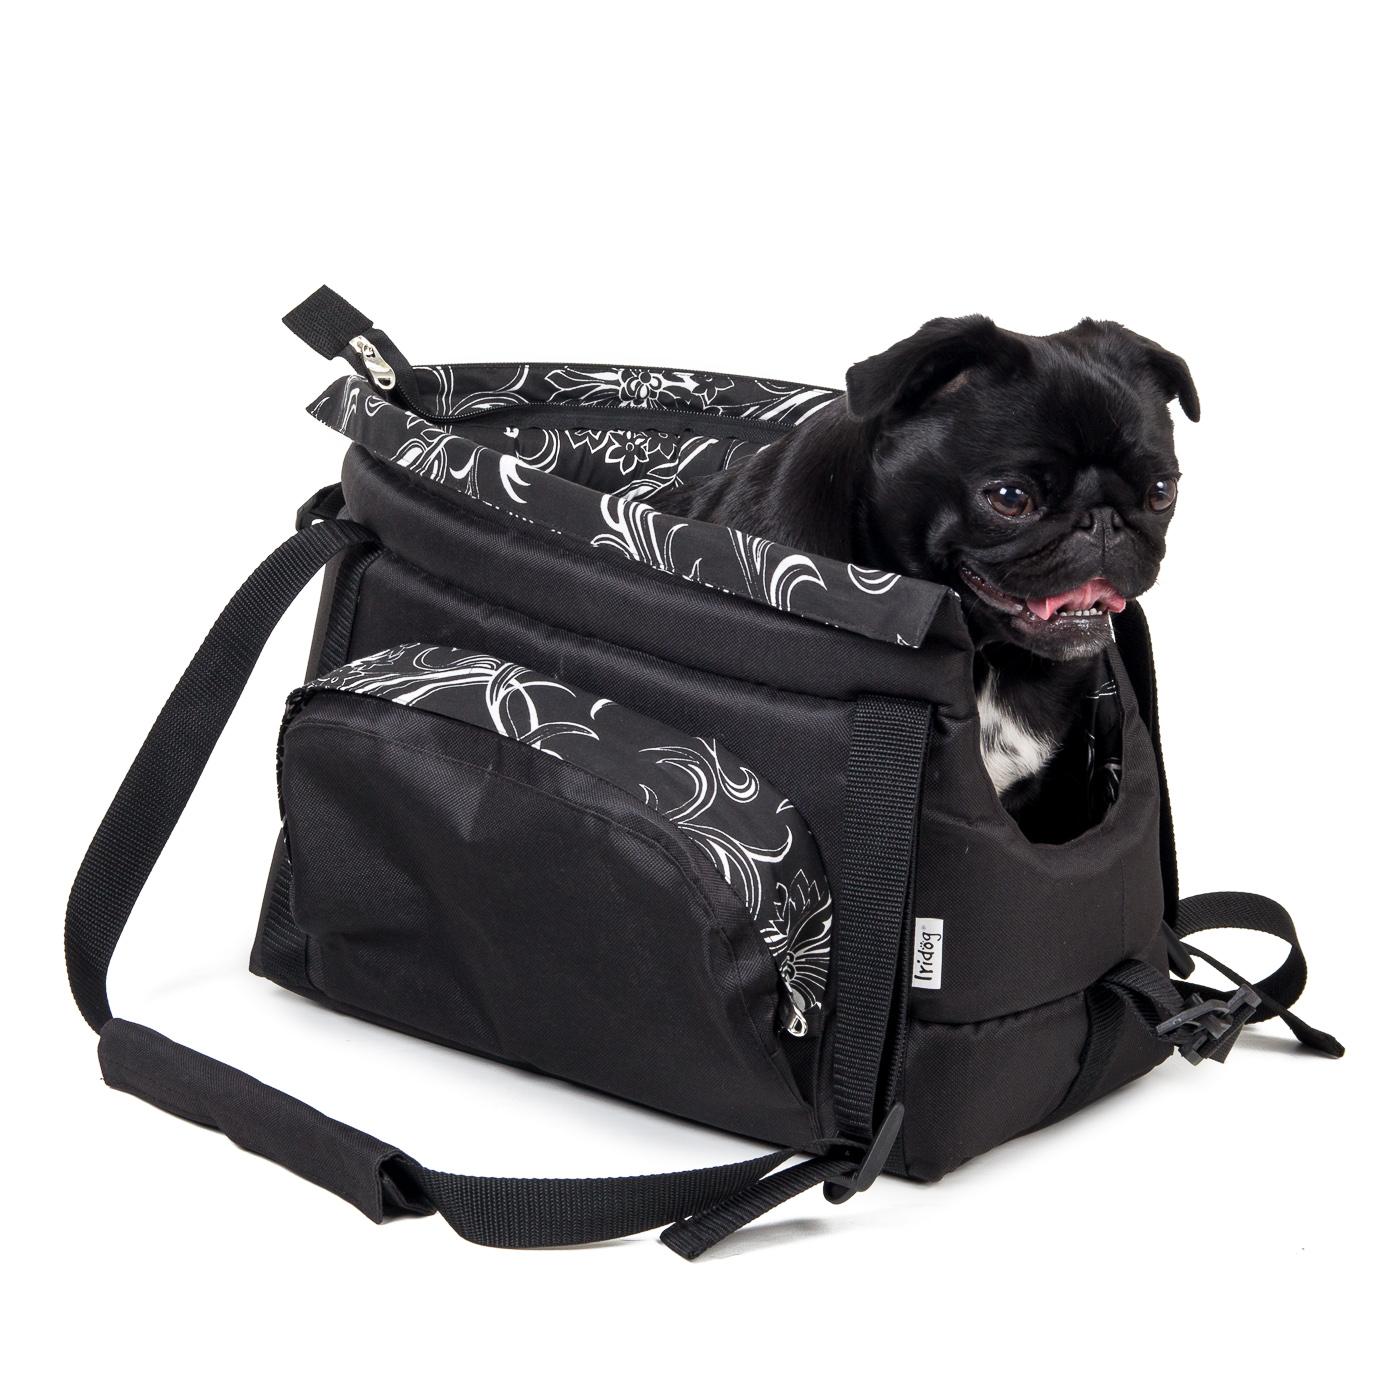 Cestovní taška pro psy, no.39, černá s květinkami, č.2